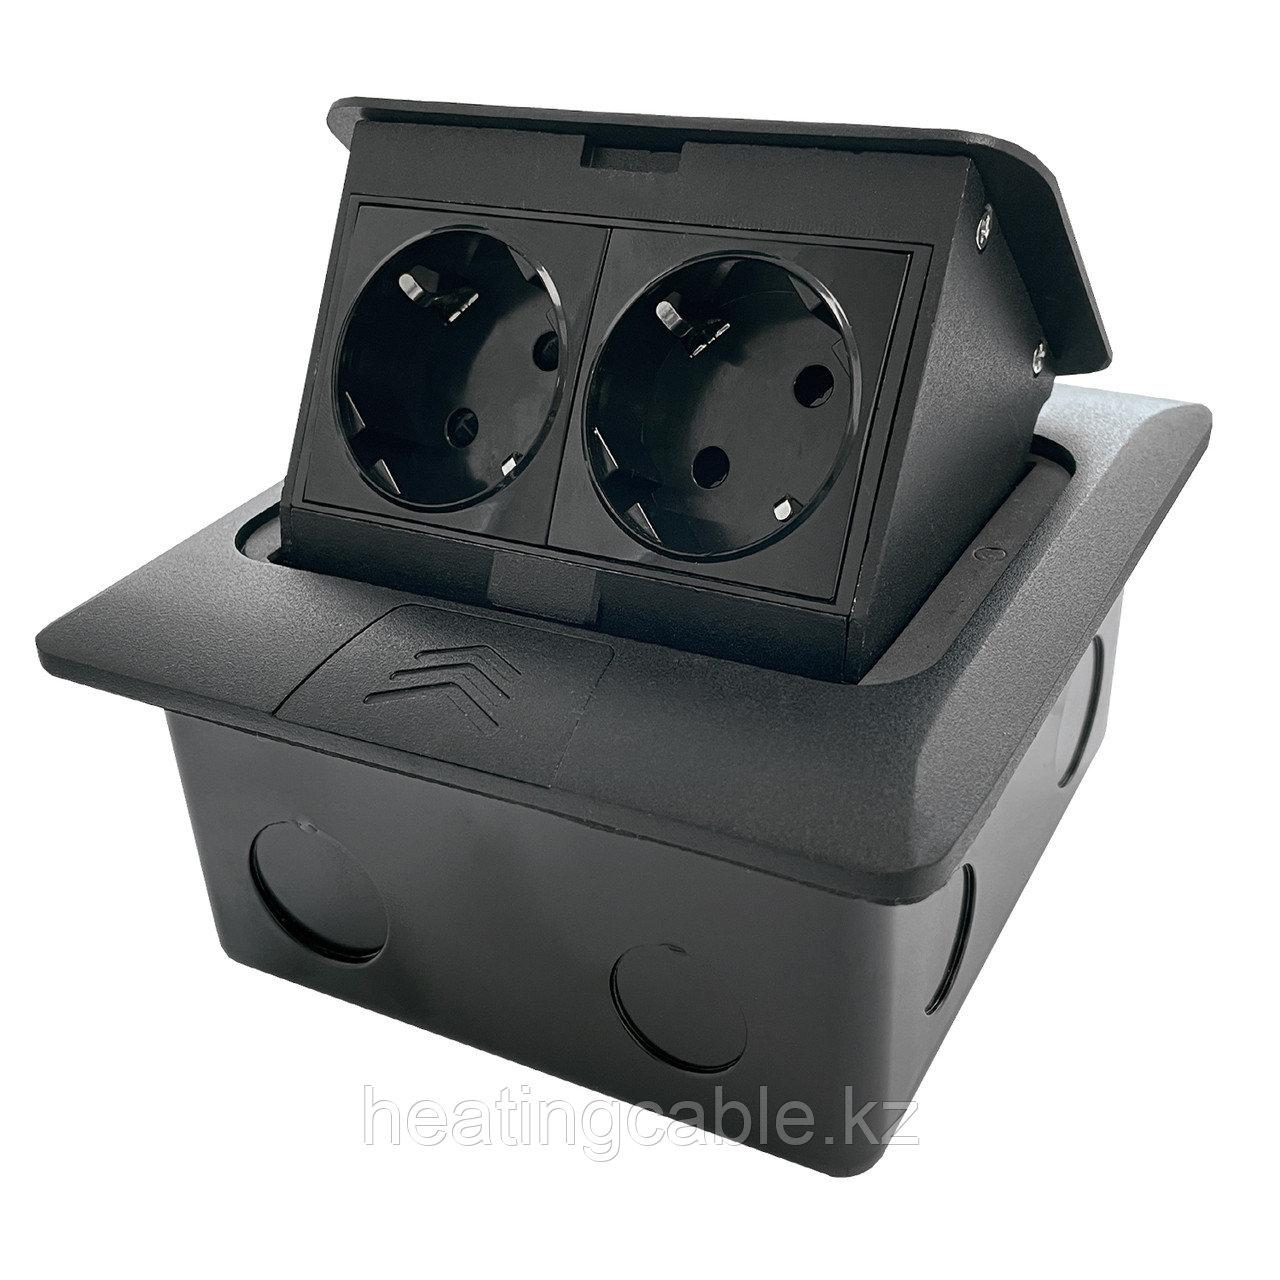 Напольный/настольный лючок на 4 модуля, металл, черный